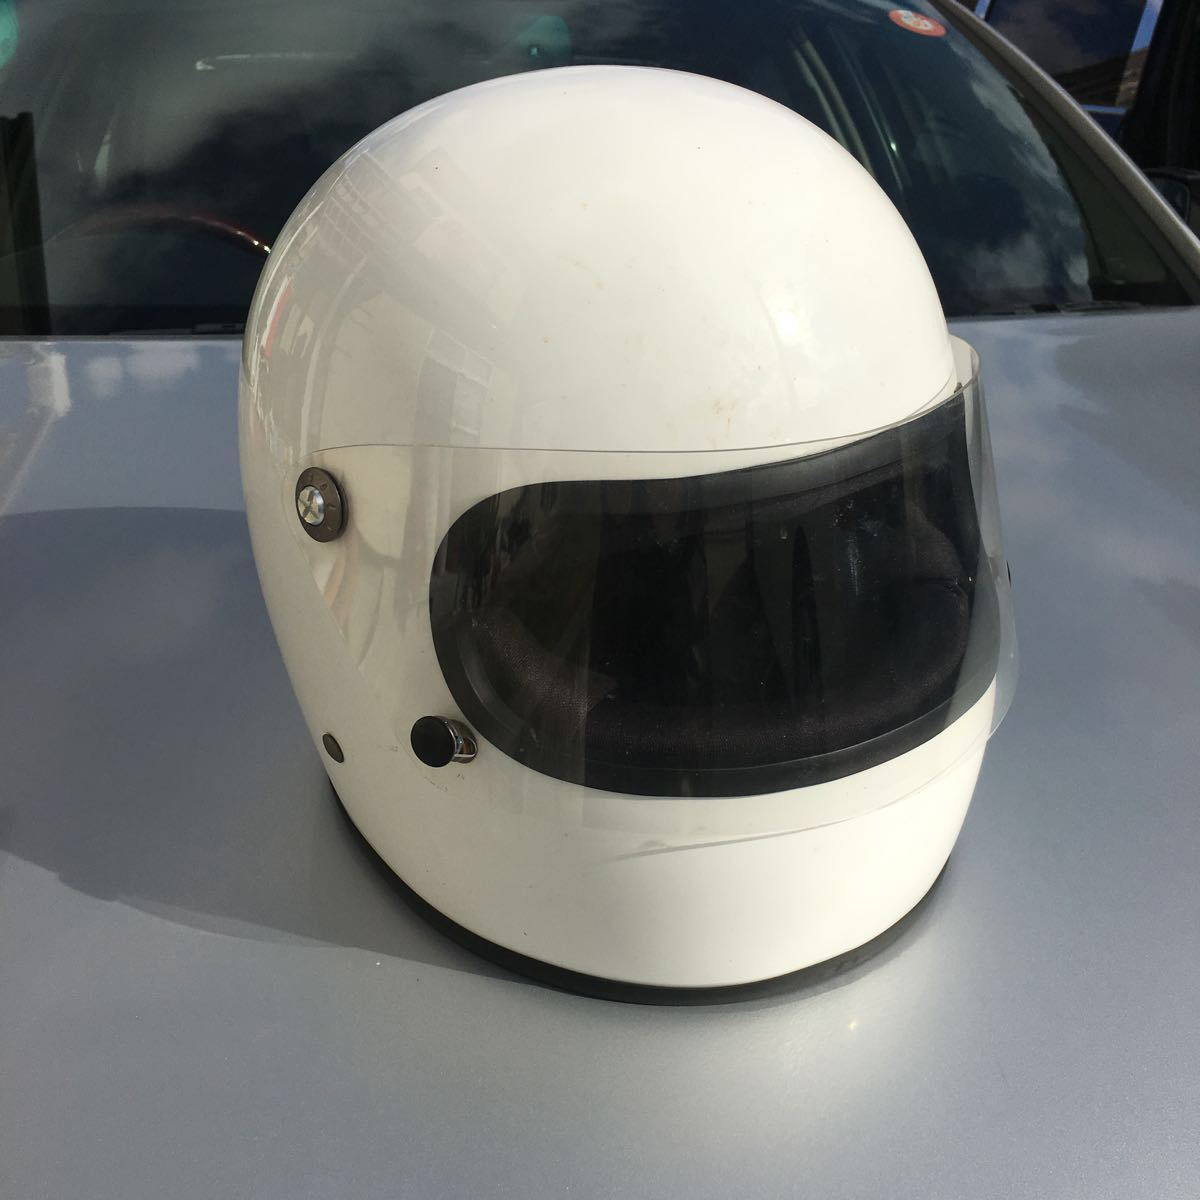 族ヘル 使用回数少 フルヘェイス ヘルメット / 初期 型 マッハ にて使用 / サイズは極端に小さく無いのでフリーサイズかな?_画像1